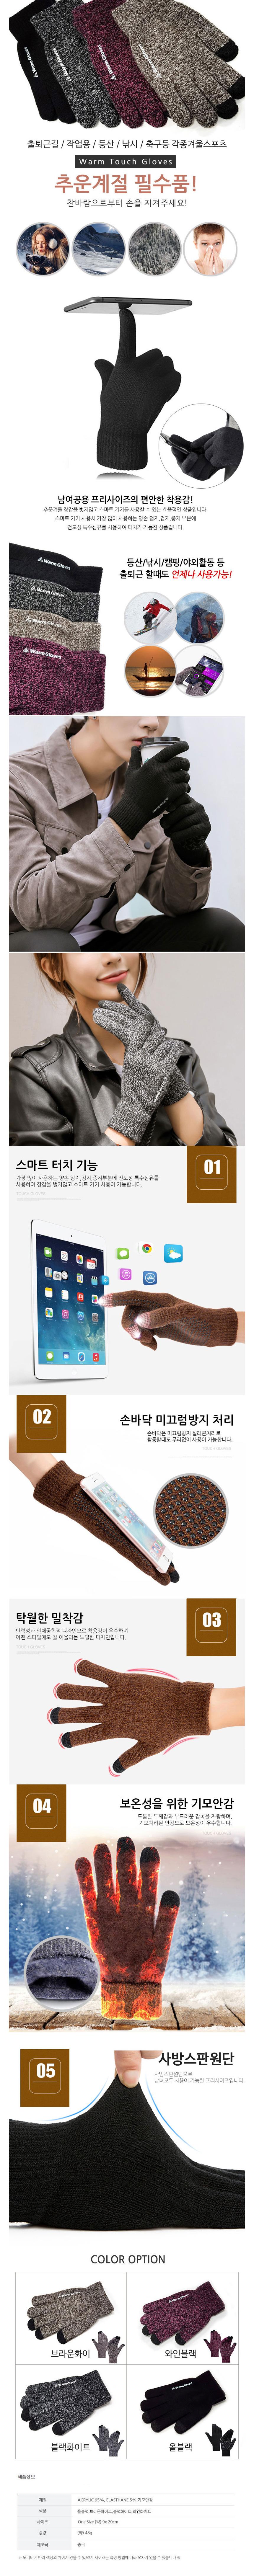 따뜻한 스마트폰터치 겨울 기모 방한 니트장갑 - 트윈스파파, 5,800원, 장갑, 스마트폰장갑